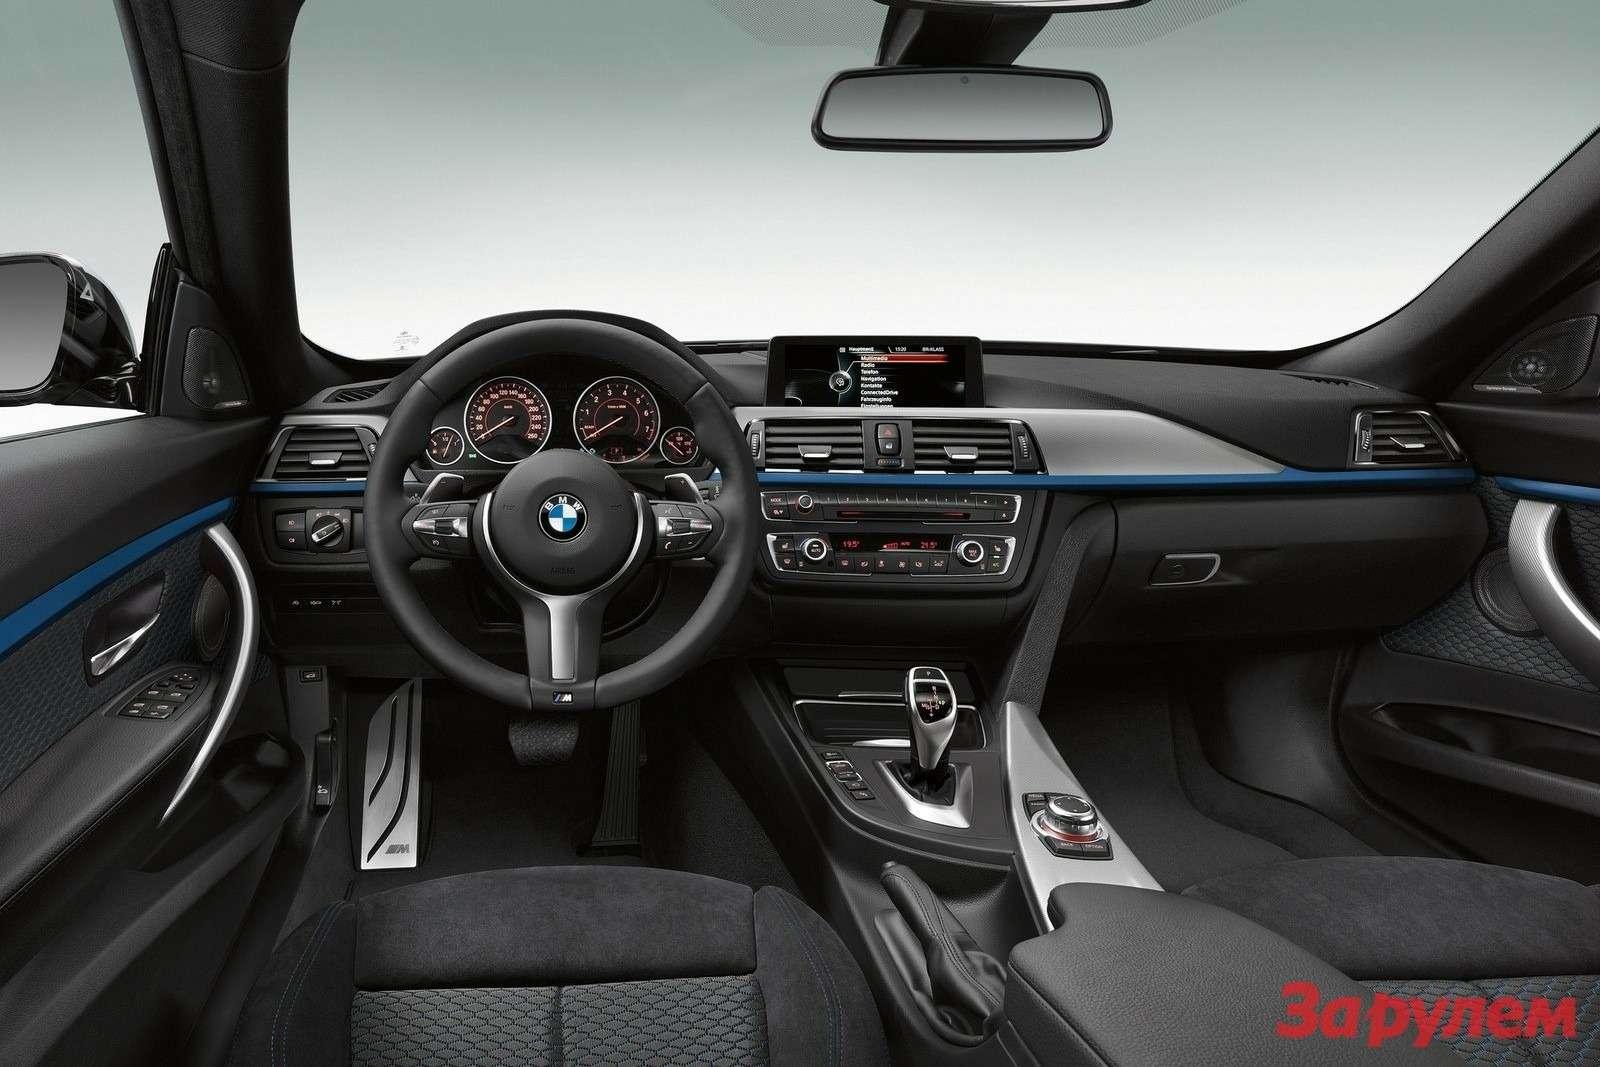 BMW-3-Series_Gran_Turismo_2014_1600x1200_wallpaper_5a